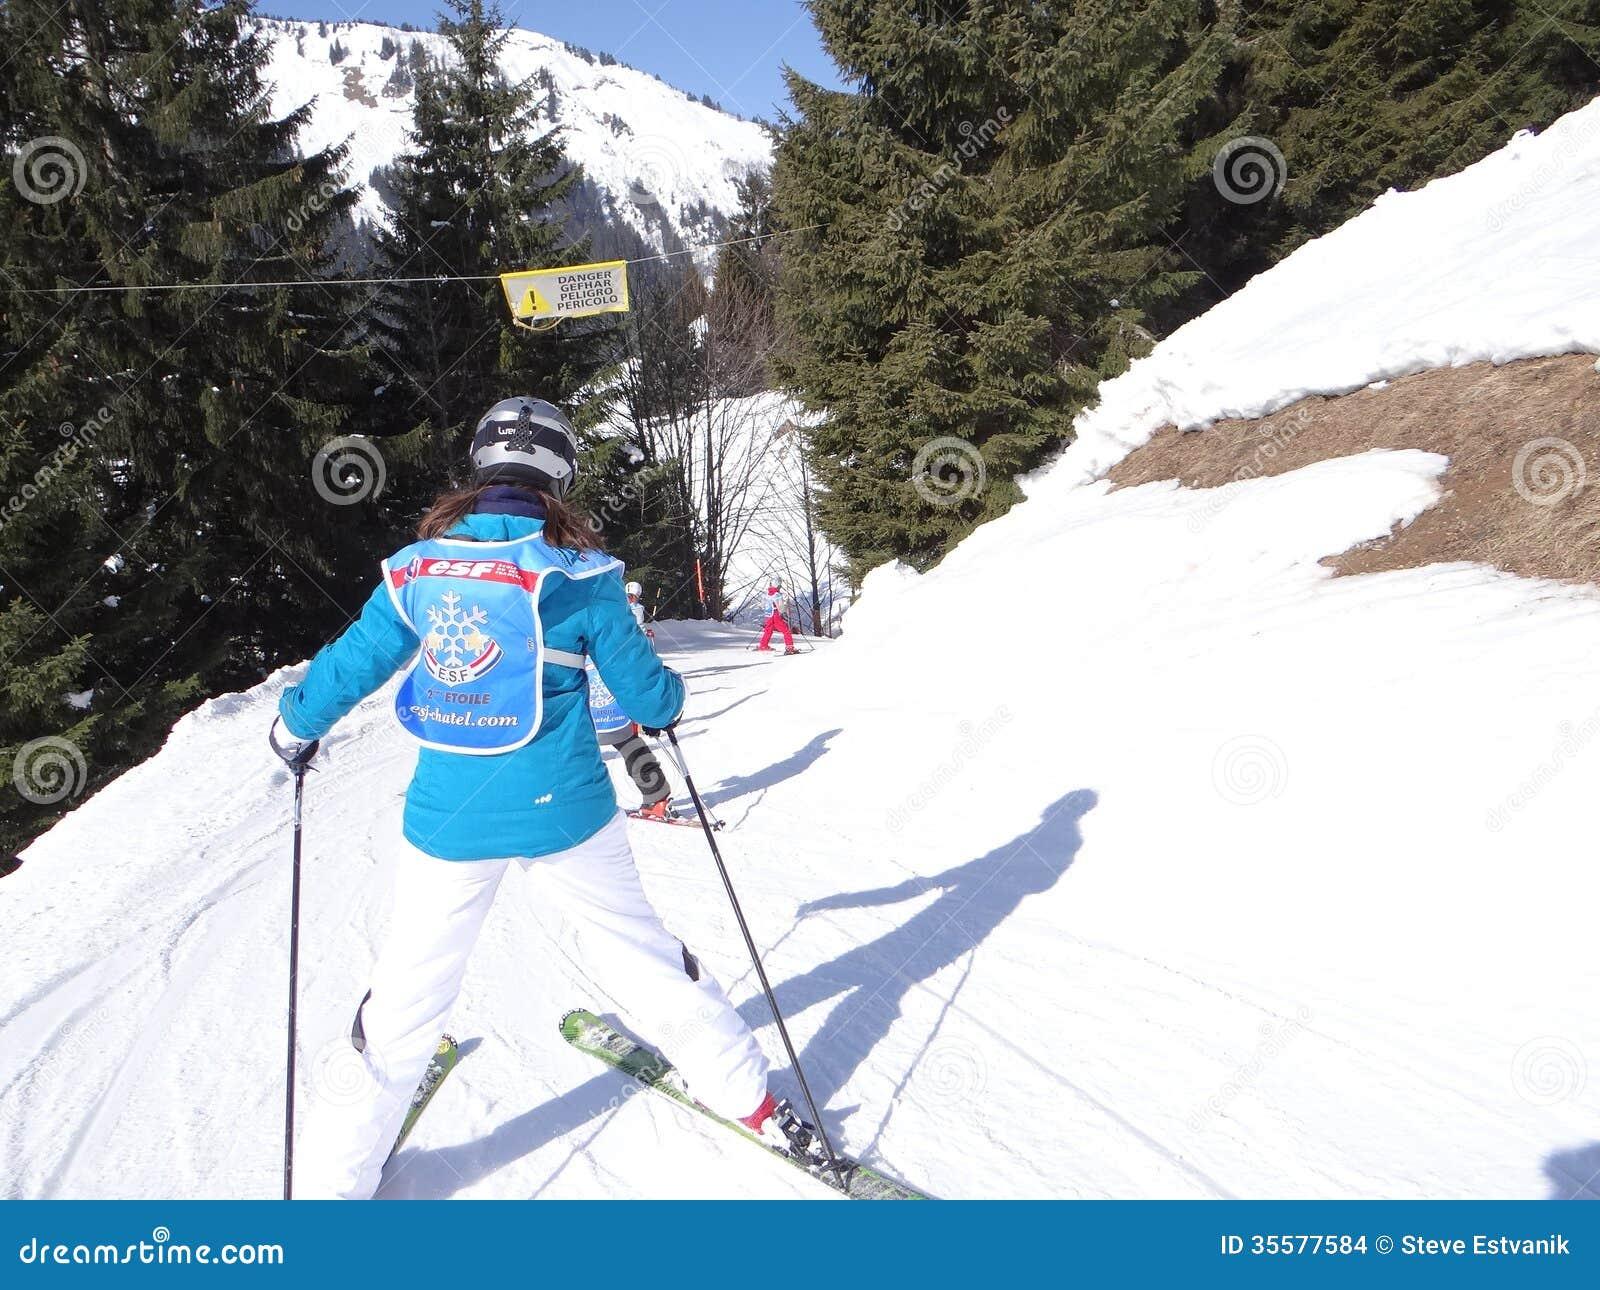 Ελιγμός σχολικών παιδιών σκι σε έναν παγωμένο δρόμο